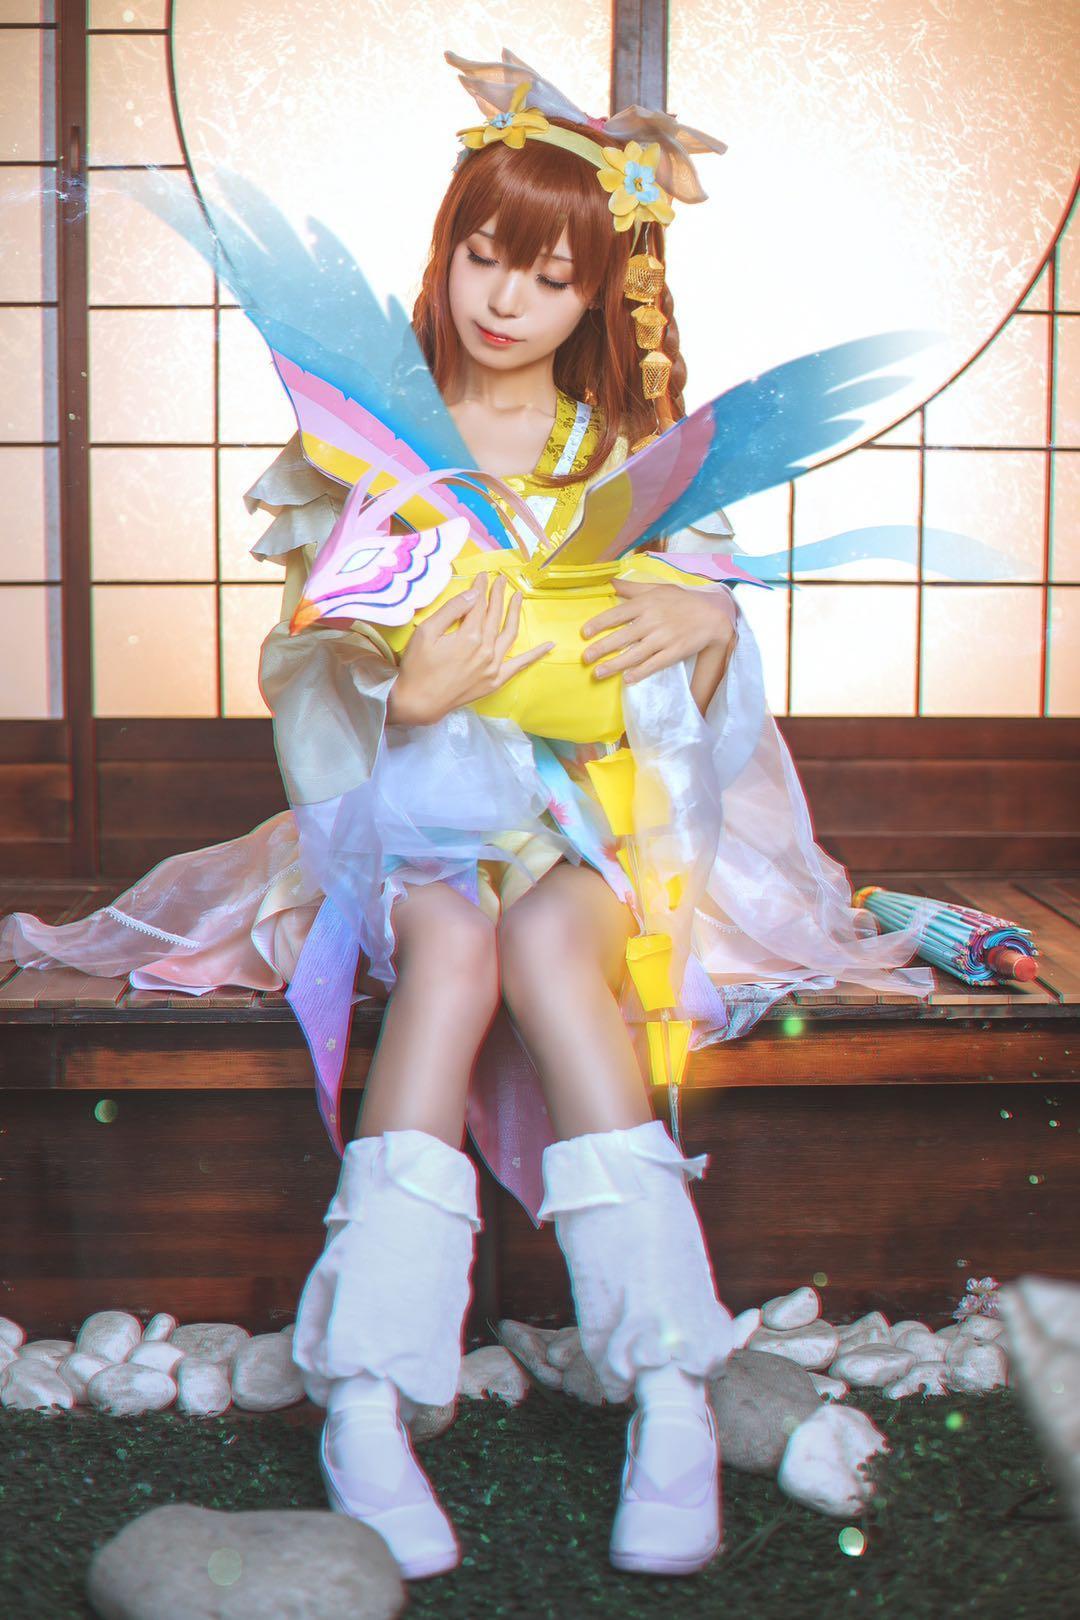 《王者荣耀》正片cosplay【CN:优优的大萝卜】-第4张